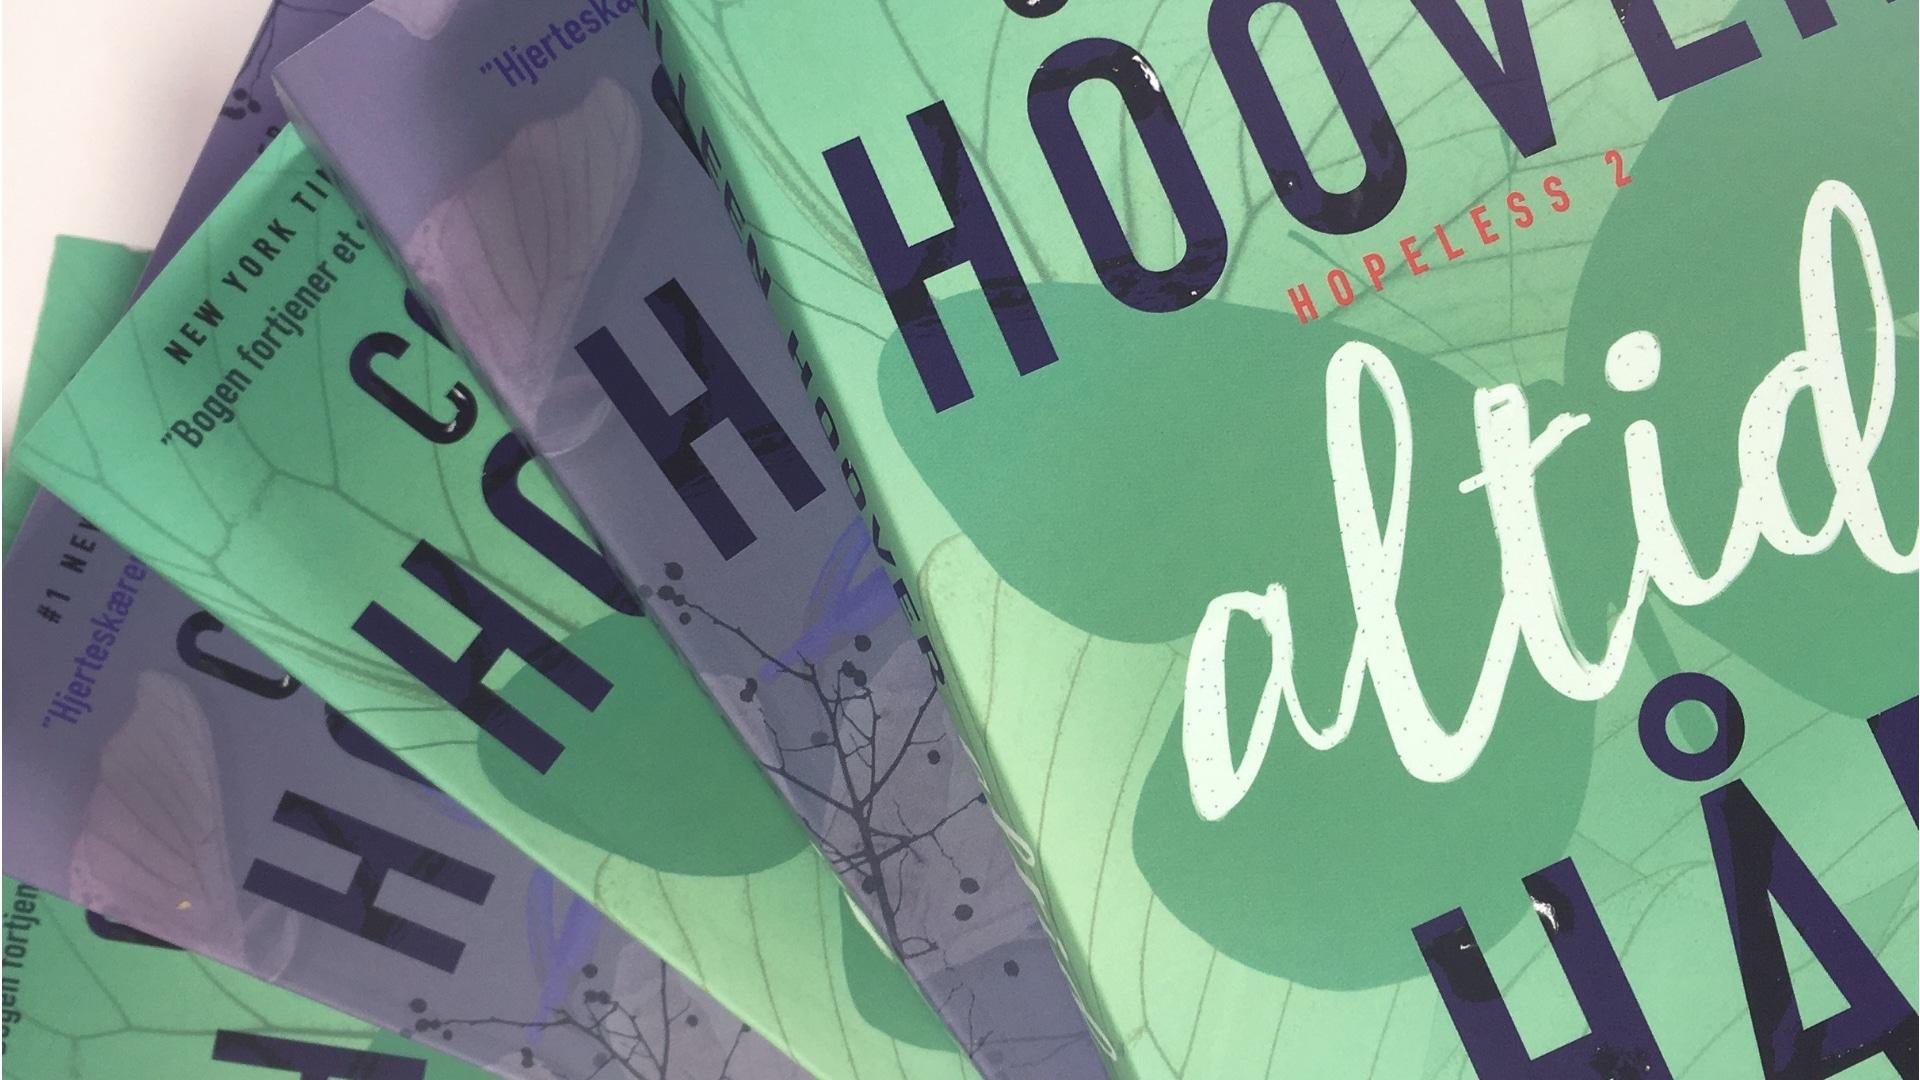 Hopeless, Uden håb, Altid håb, Colleen Hoover, romance, kærlighedsbøger